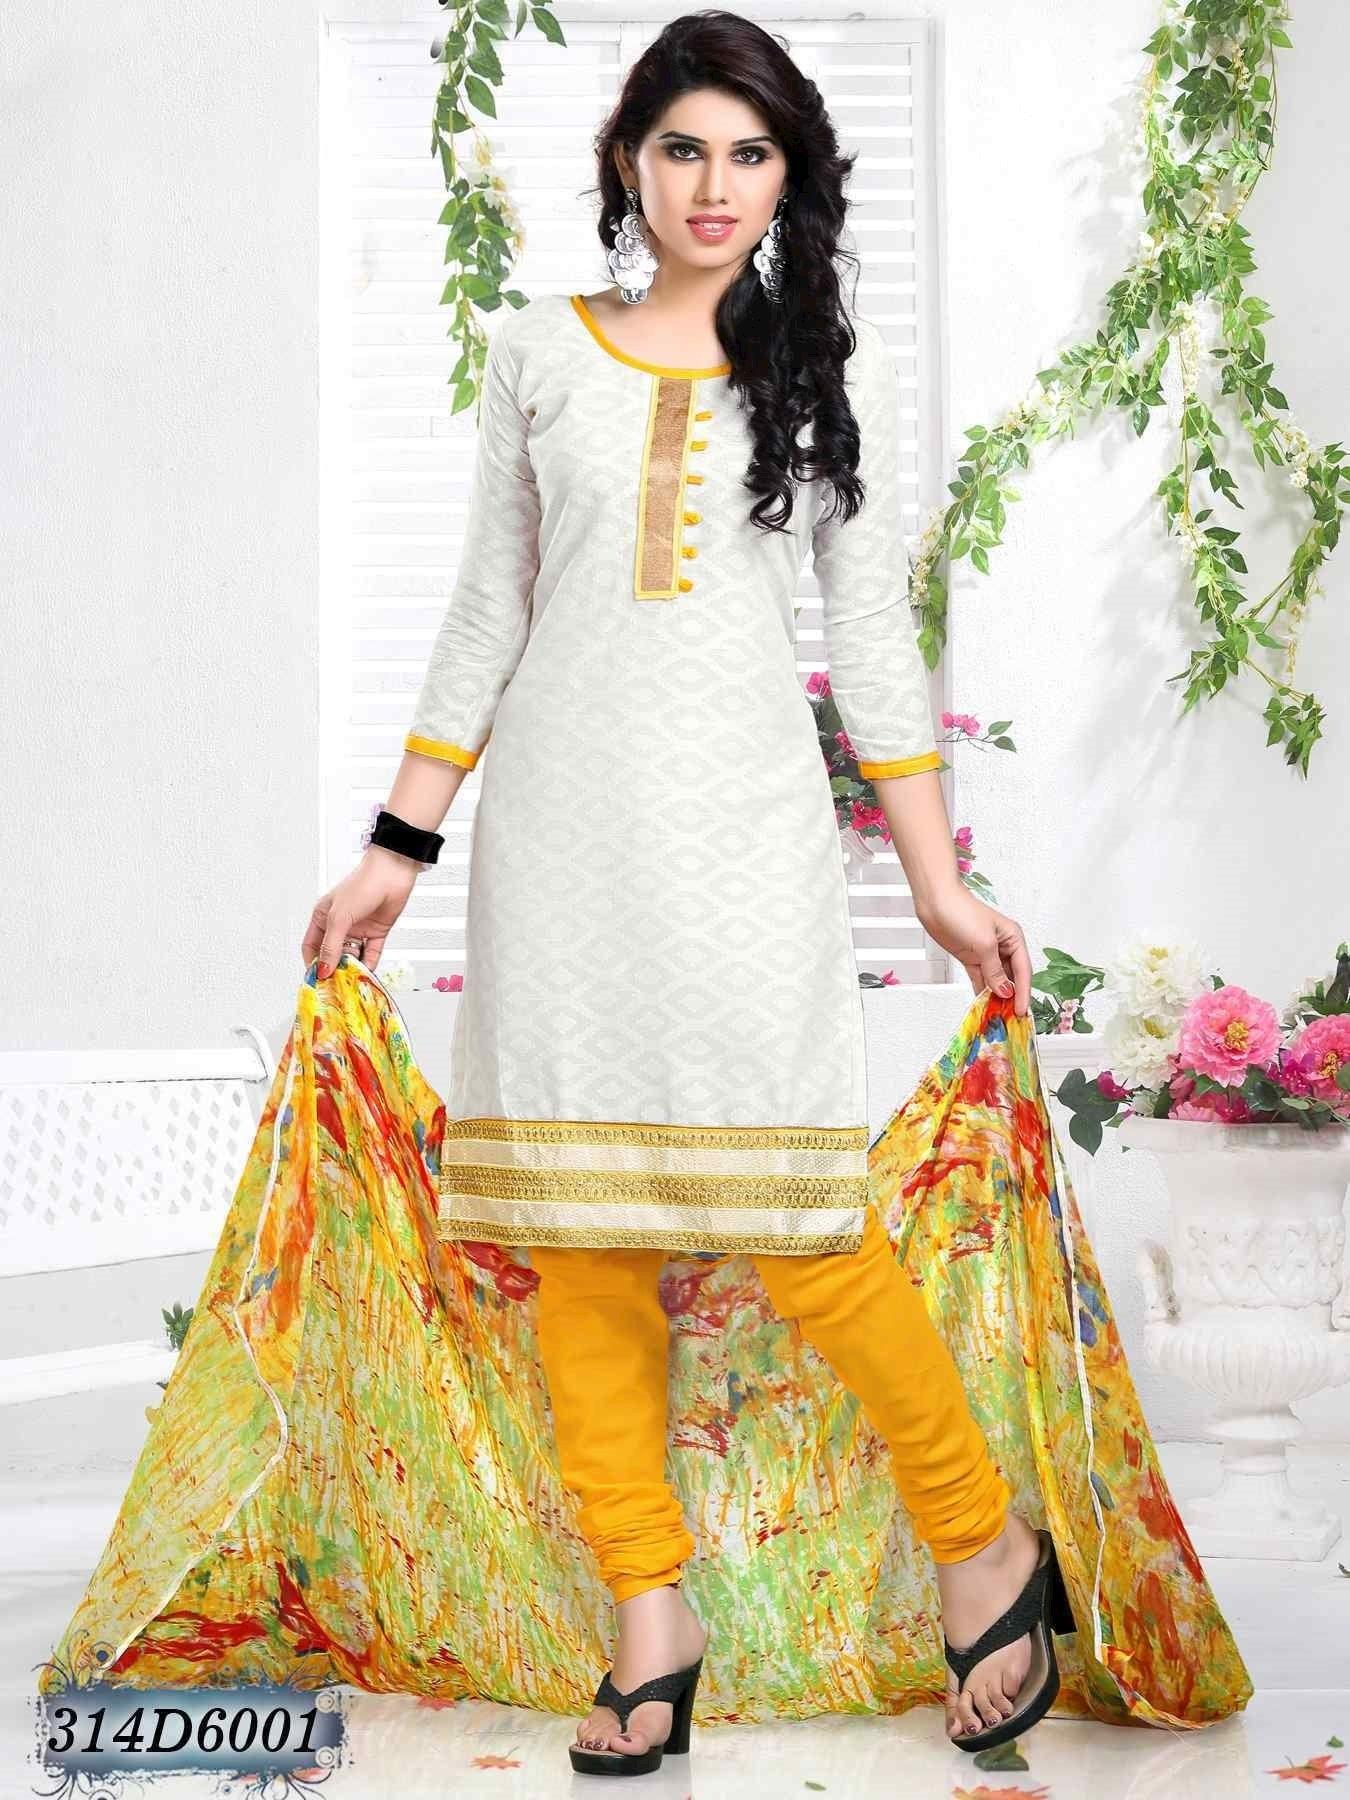 Watch Churidar Shalwar Outfits – 18 Ways to Wear Chori Dar Shalwar video